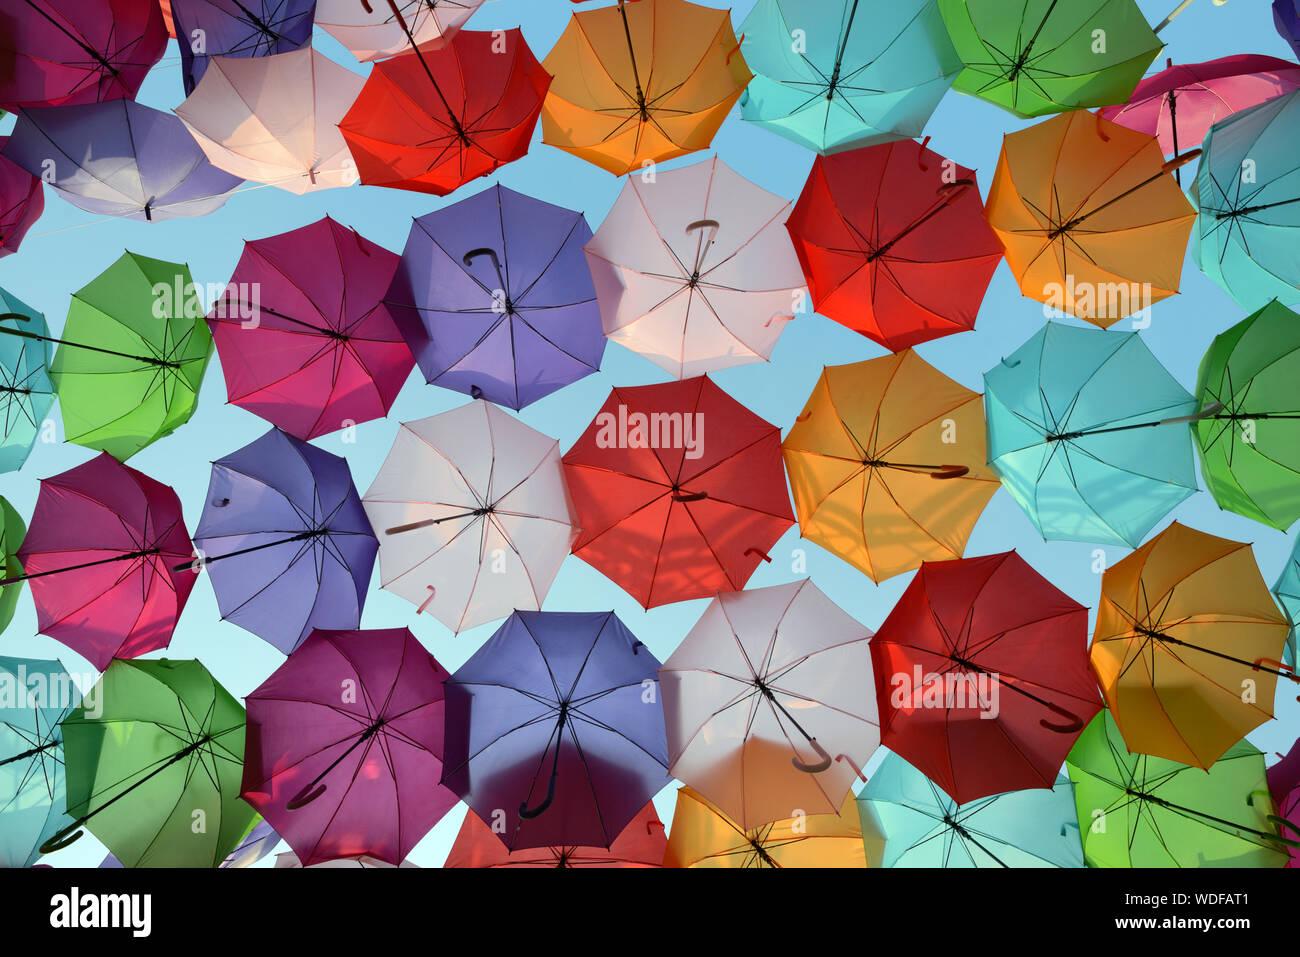 Bunte Sonnenschirme und Regenschirme hängen vor Ort Francois Villon, von der Künstlerin Patricia Cunha Sonnenschirm Sky Projekt Kunst Installation Aix-en-Provence Stockfoto